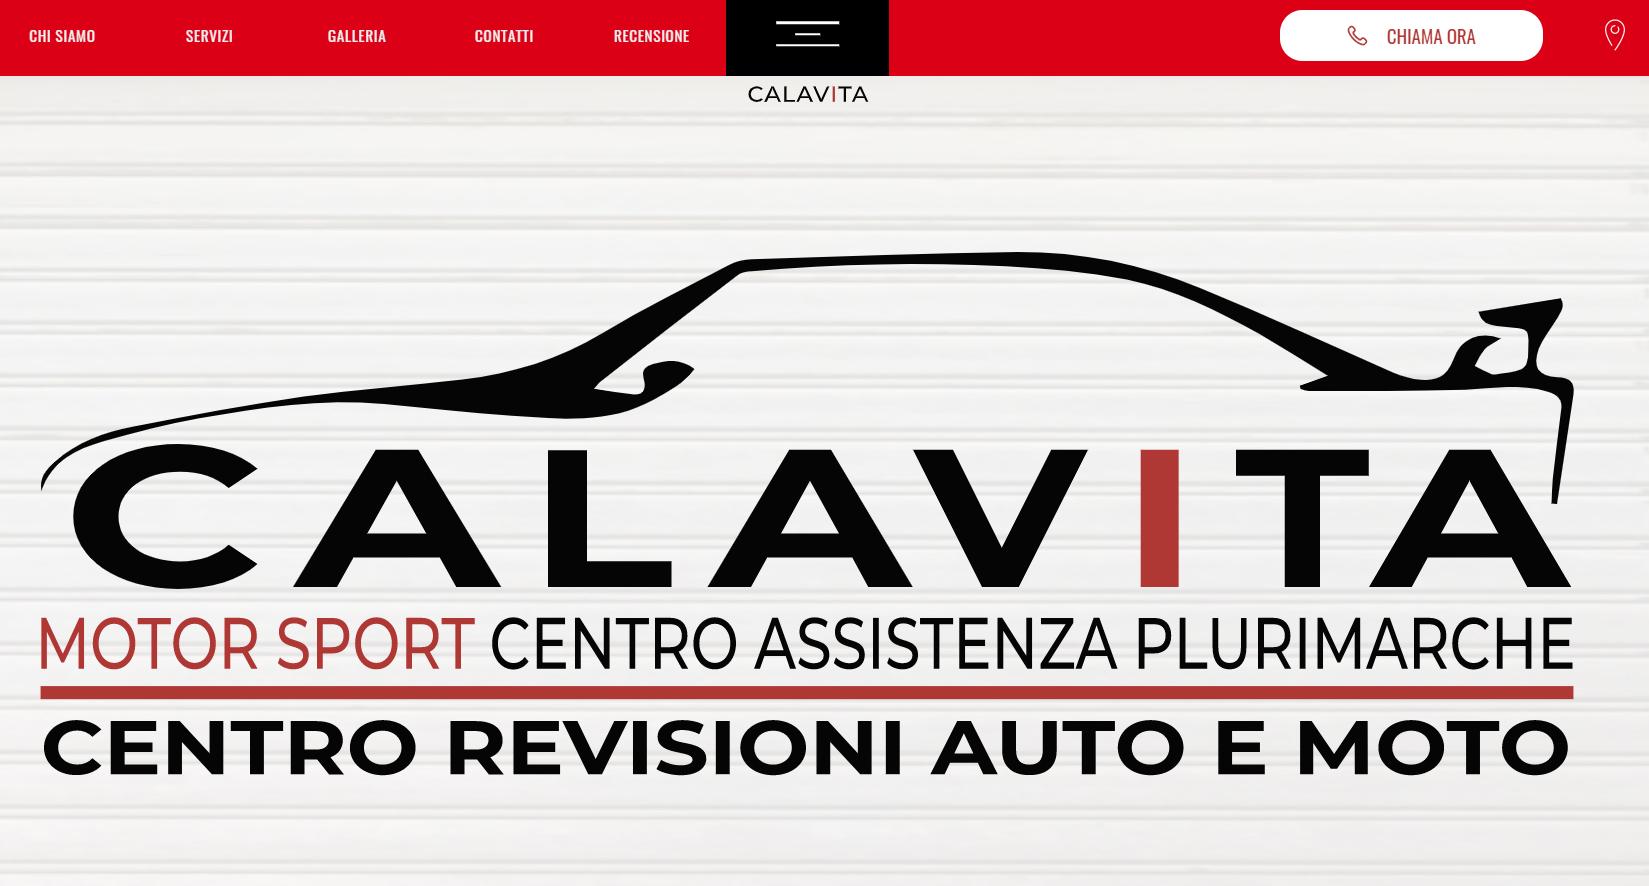 Скріншот сайту autofficina-calavitafrancesco.it